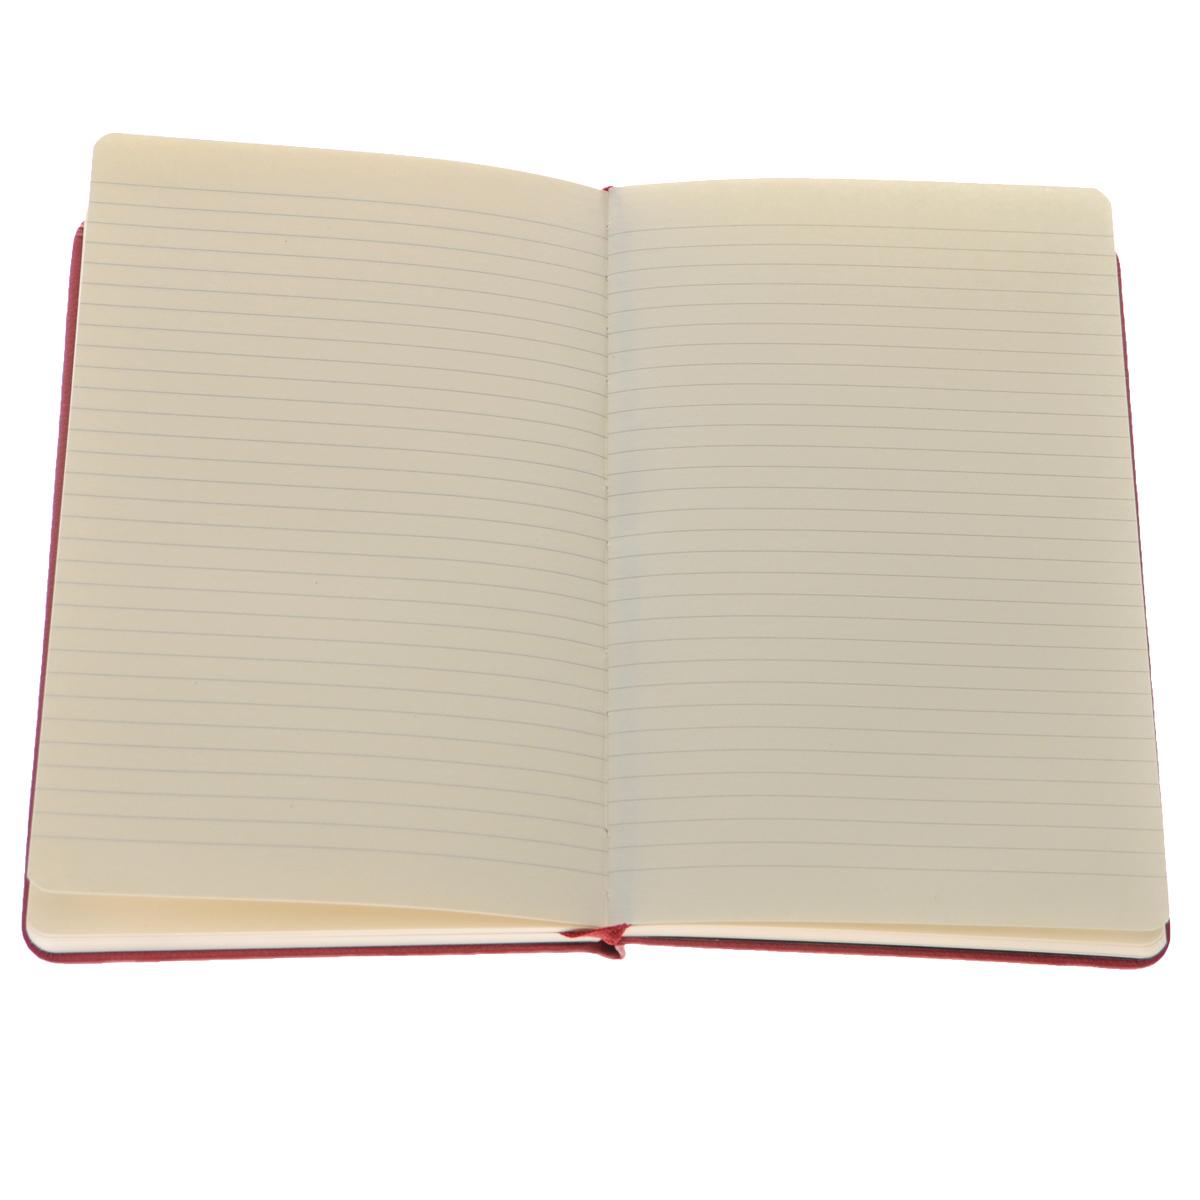 Harry Potter: Gryffindor: Ruled Journal with Pocket